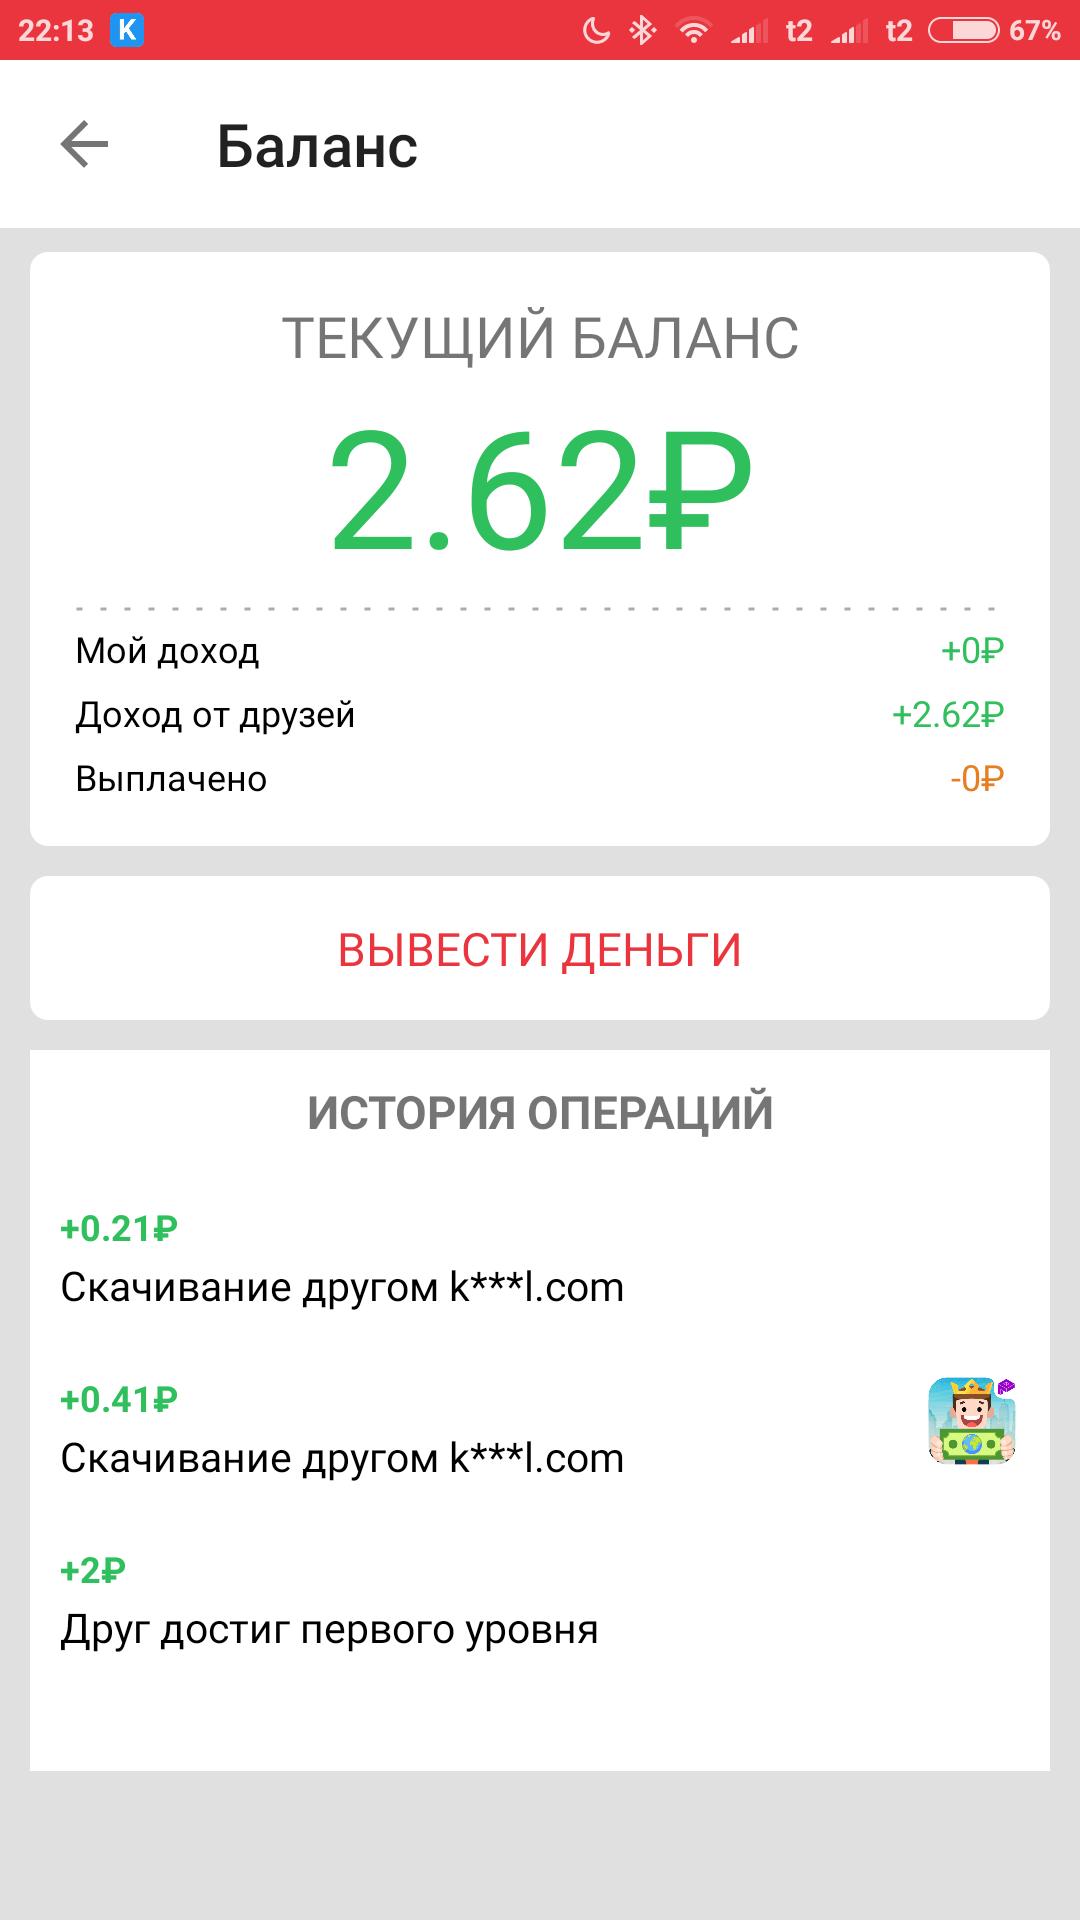 alkalmazás jó pénzért)